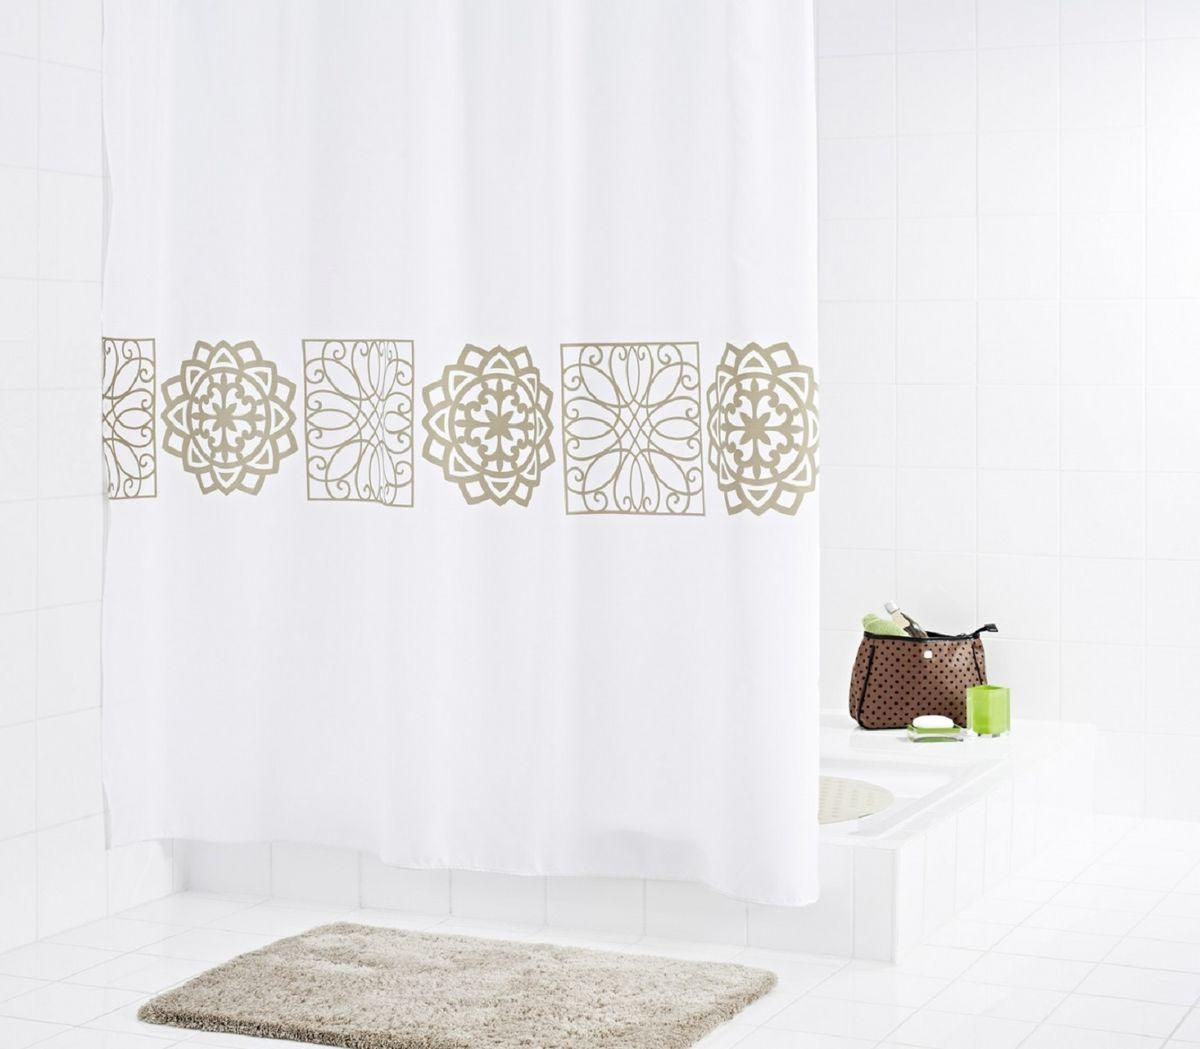 Штора для ванной комнаты Ridder Tunis, цвет: бежевый, коричневый, 180 х 200 см31319Штора для ванной комнаты Ridder Tunis, изготовленная из текстиля с антигрибковым и антистатическим покрытием, отлично дополнит любой интерьер ванной комнаты. Нижний кант утяжелен каучуковой лентой. Машинная стирка. Глажка при низкой температуре. Кольца не входят в комплект.